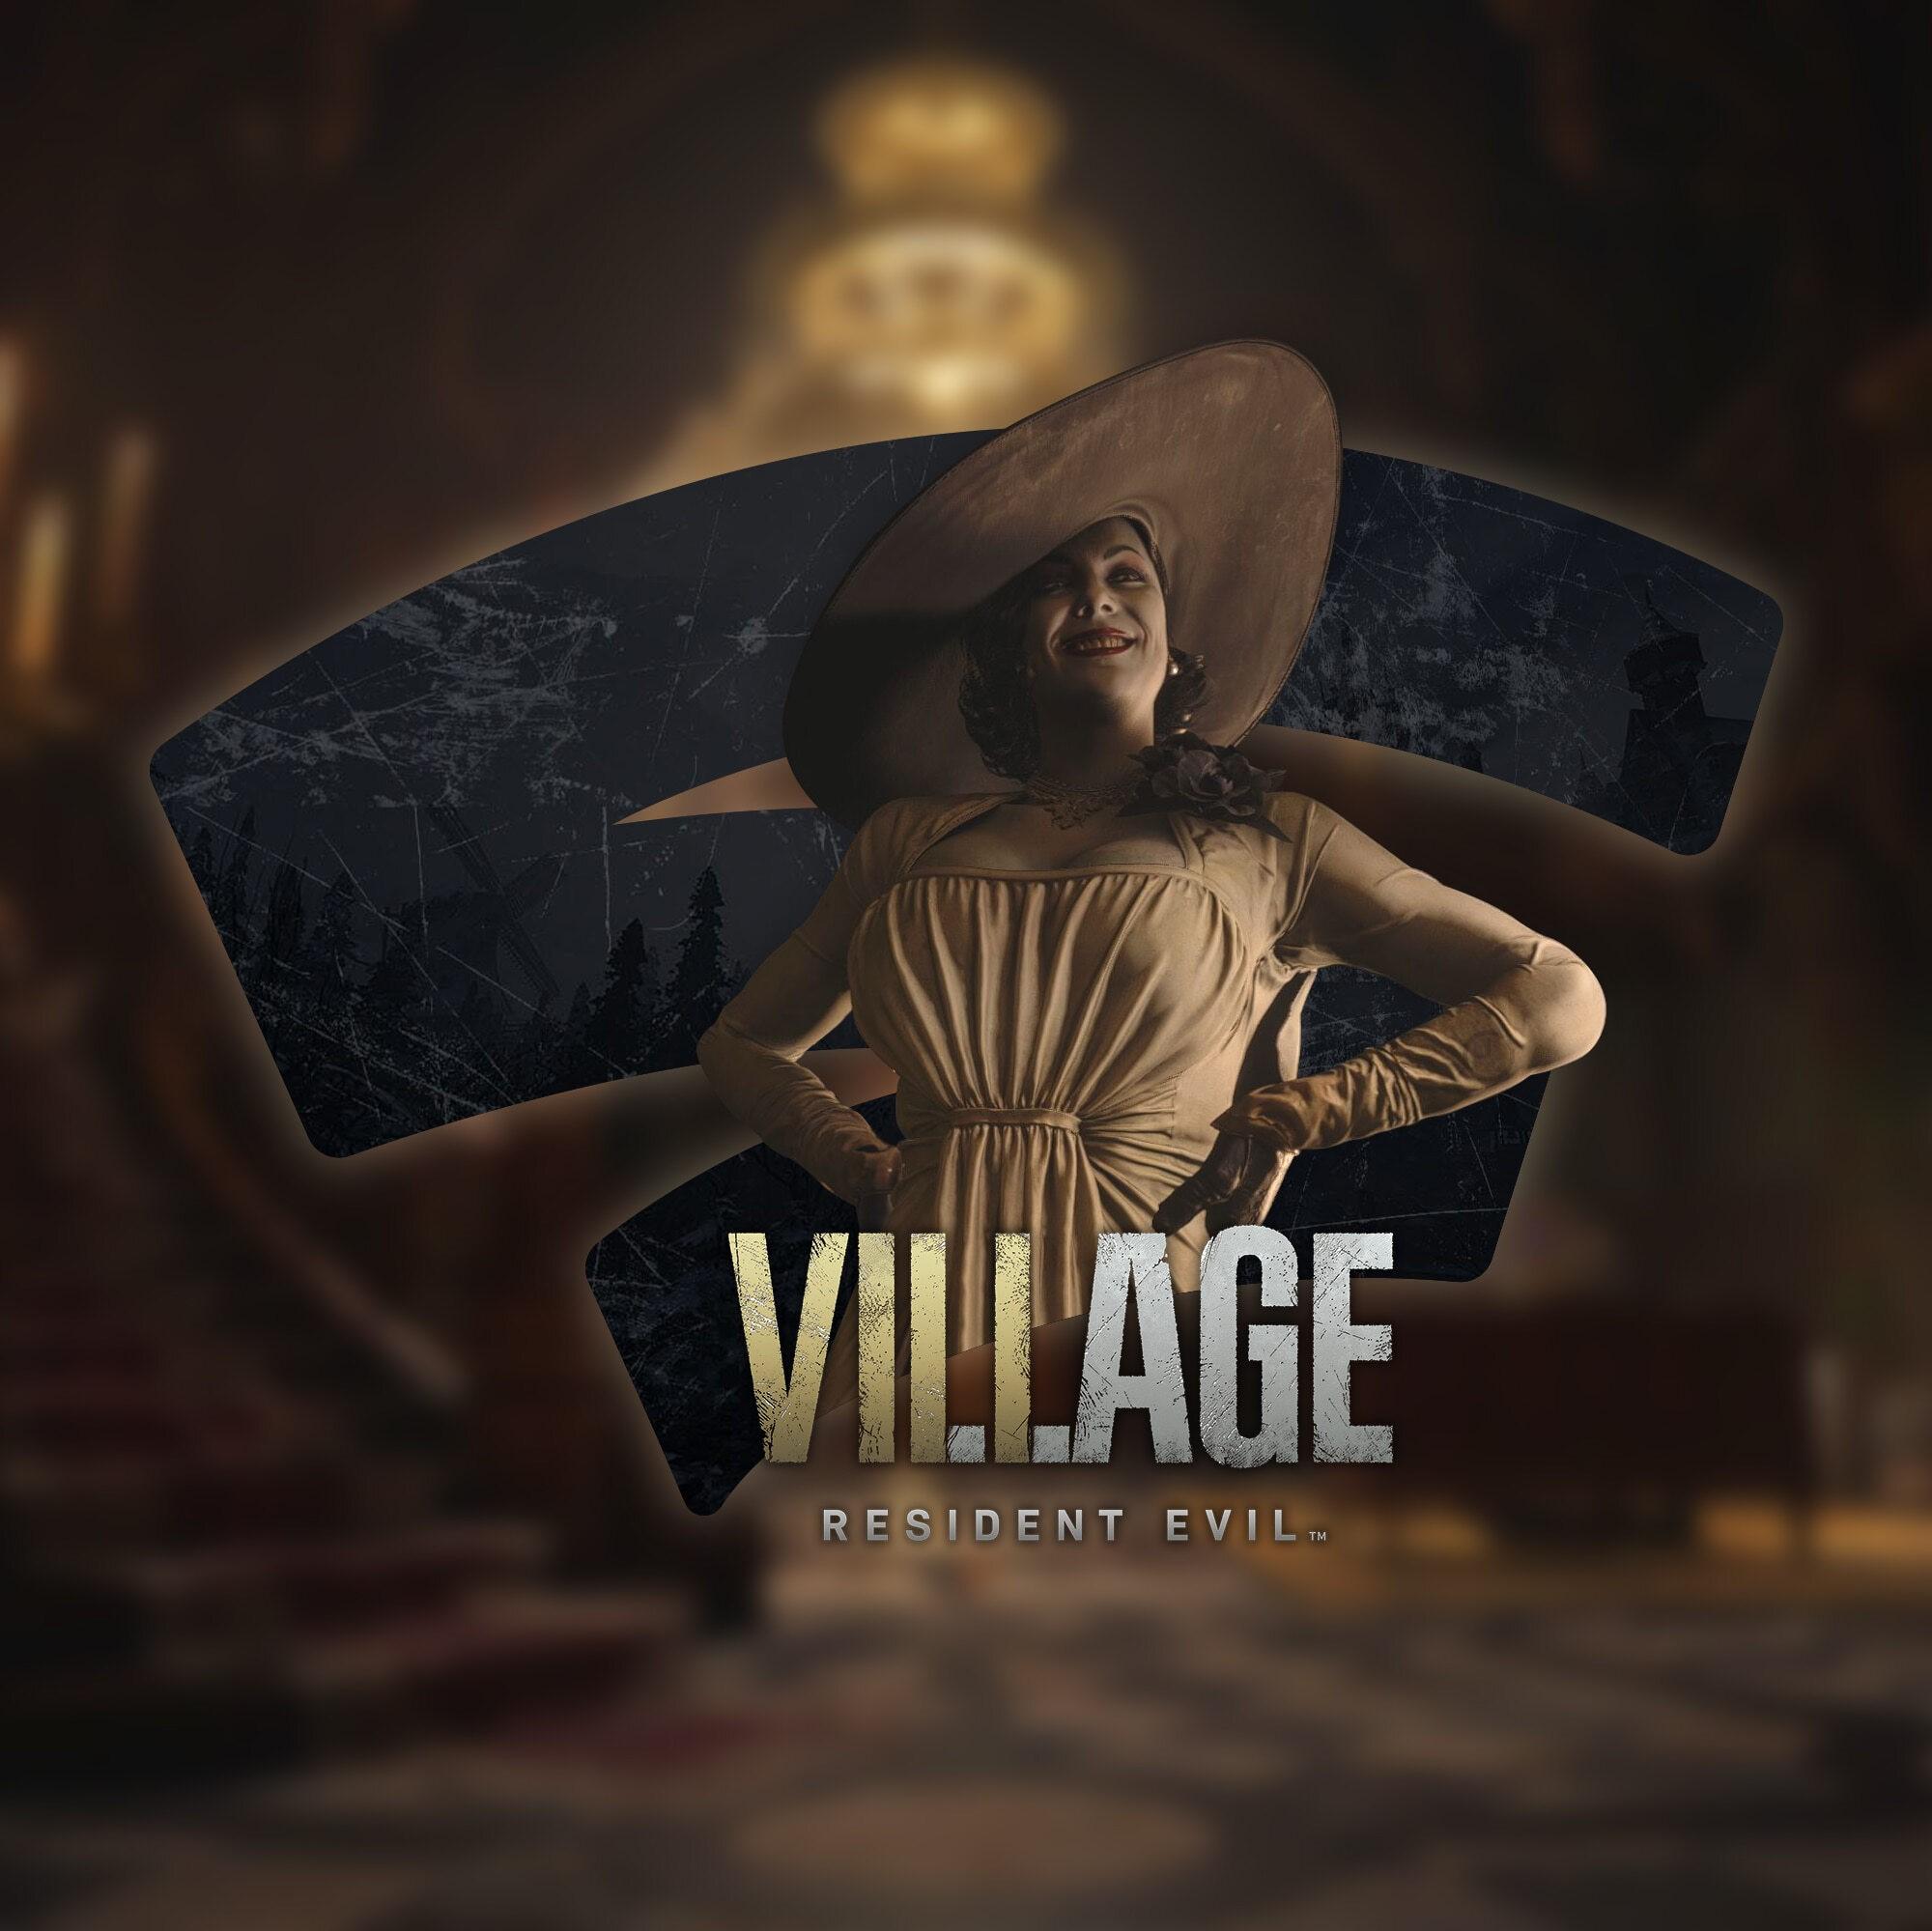 Resident Evil Village sur Stadia + Pack Premiere Edition offert (Manette Stadia/Chromecast Ultra)